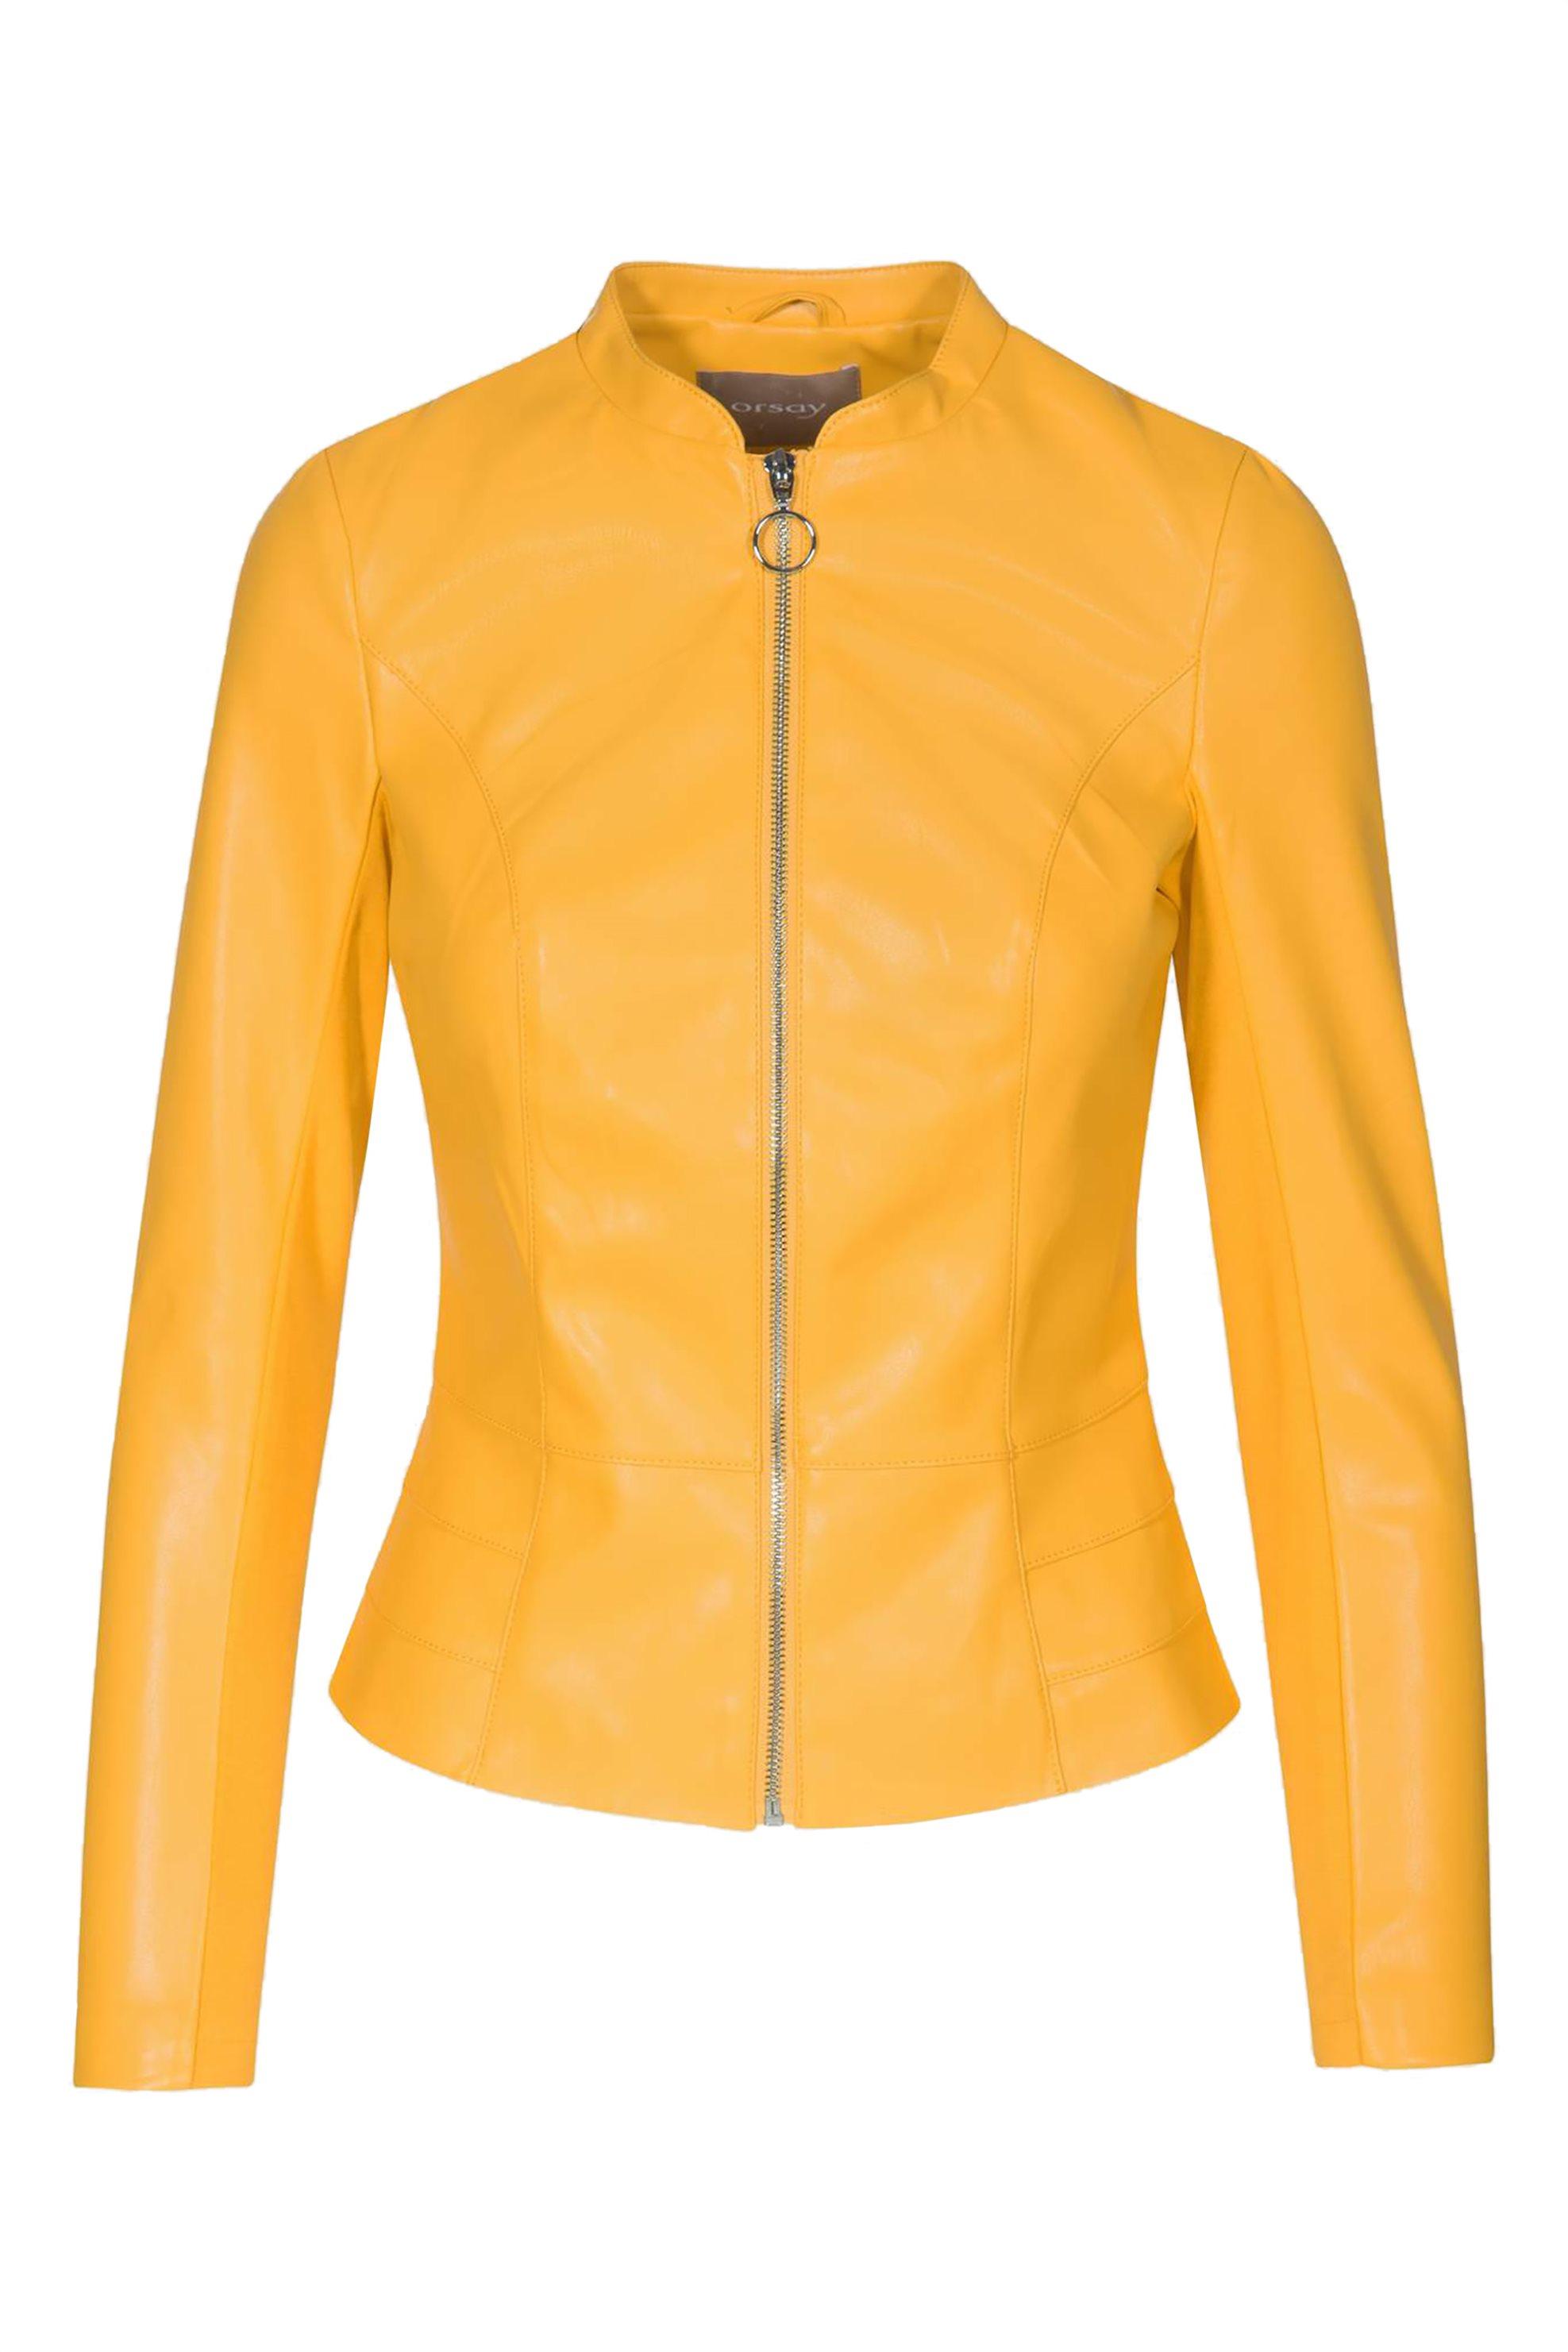 Orsay γυναικείο faux δερμάτινο μπουφάν κίτρινο - 800112-130000 - Κίτρινο γυναικα   ρουχα   πανωφόρια   μπουφάν   σακάκια   δερμάτινα   faux δέρμα